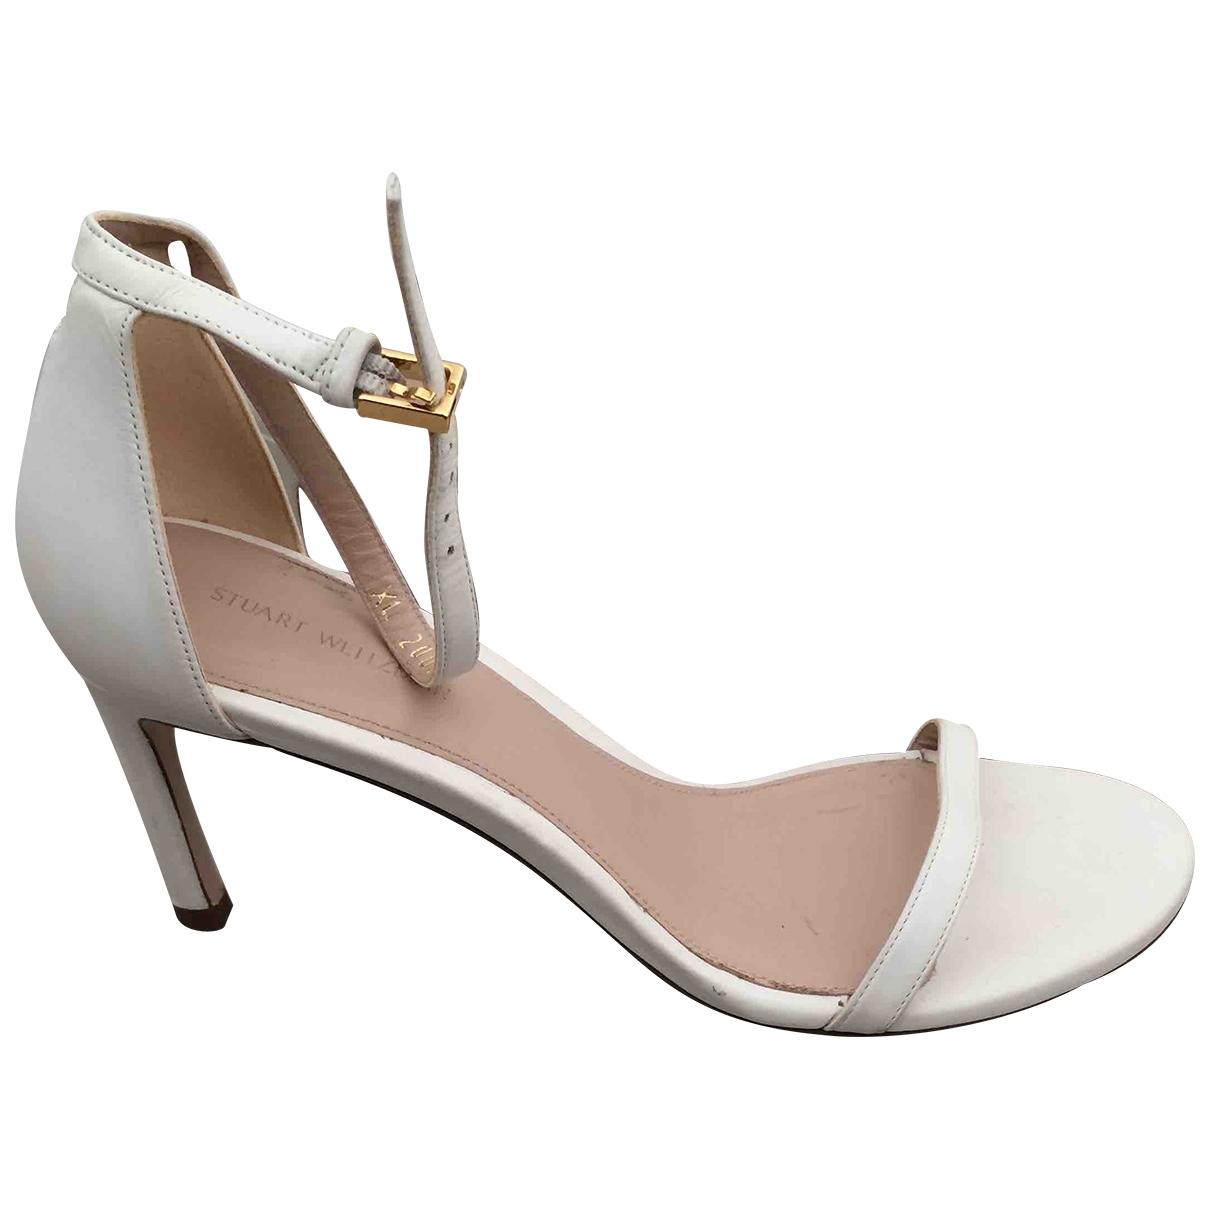 Stuart Weitzman - Sandales   pour femme en cuir - blanc